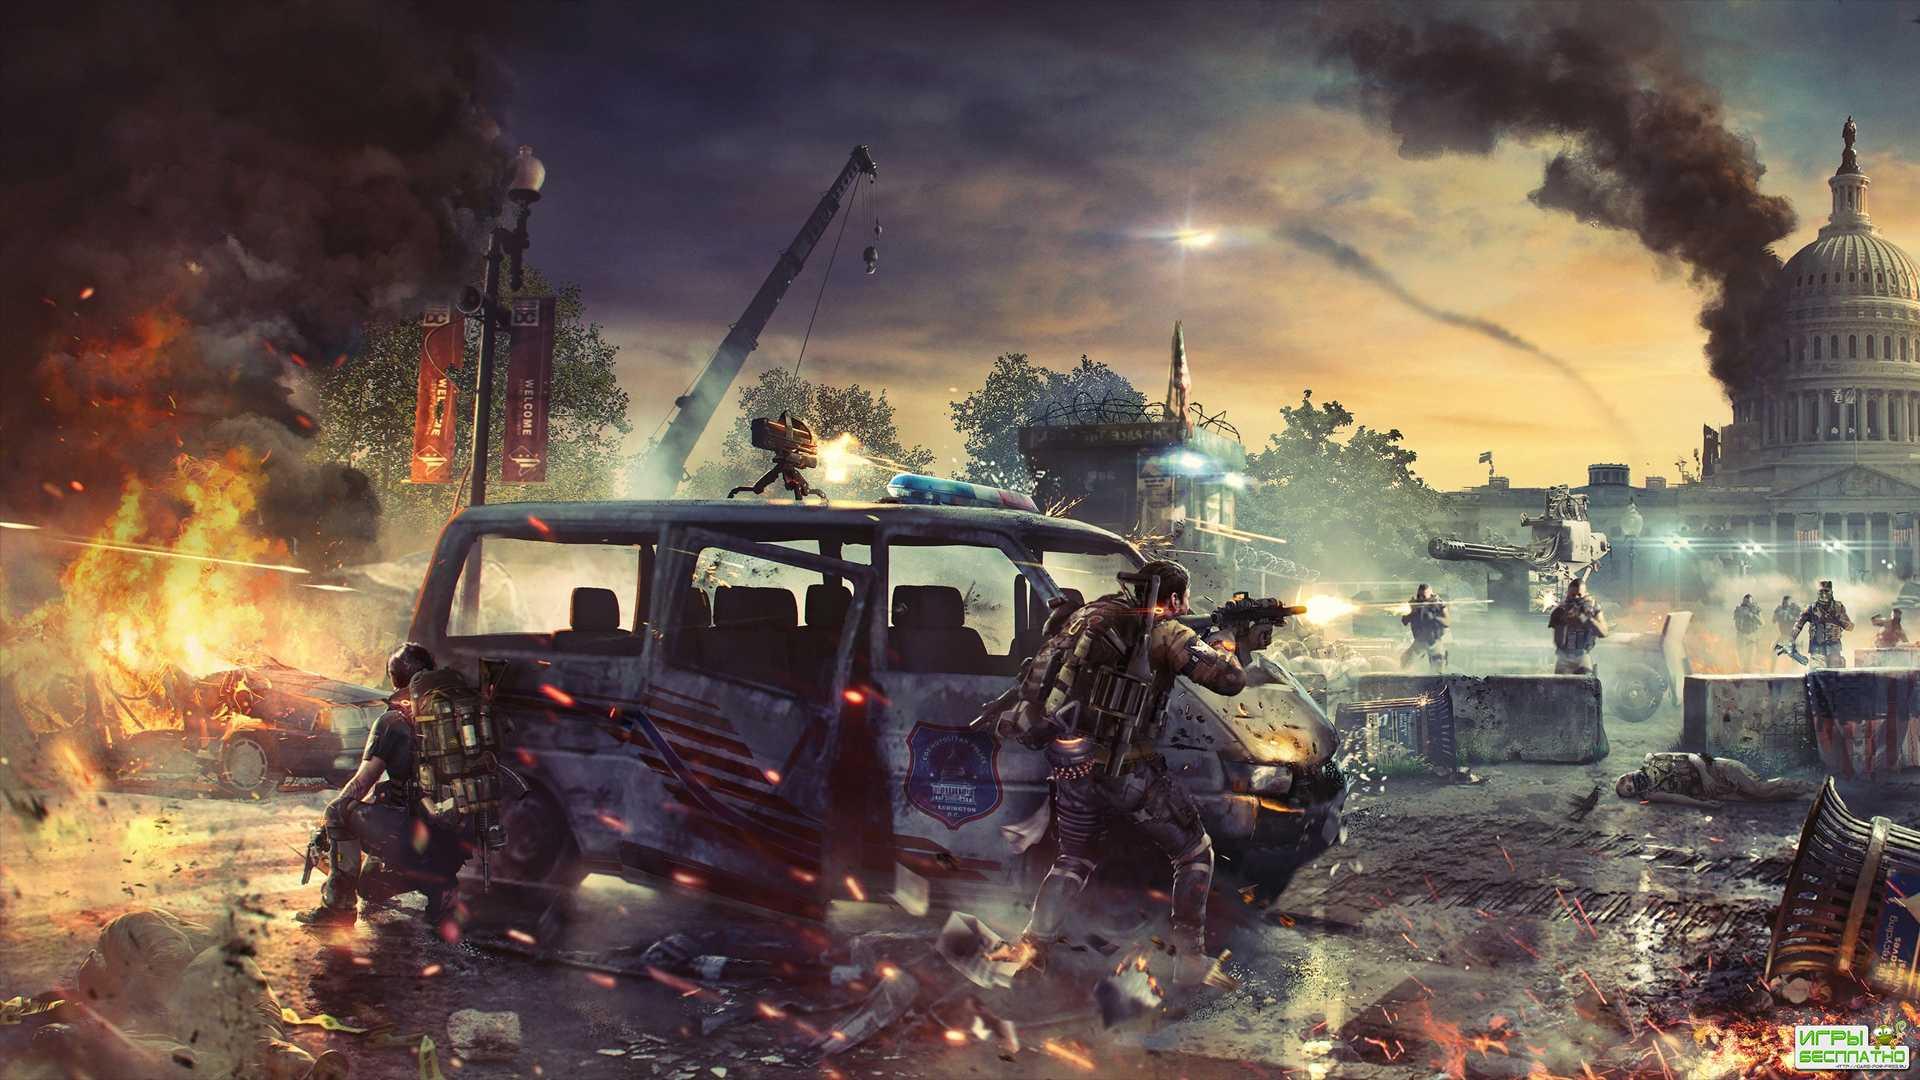 Названа продолжительность сюжетной кампании The Division 2